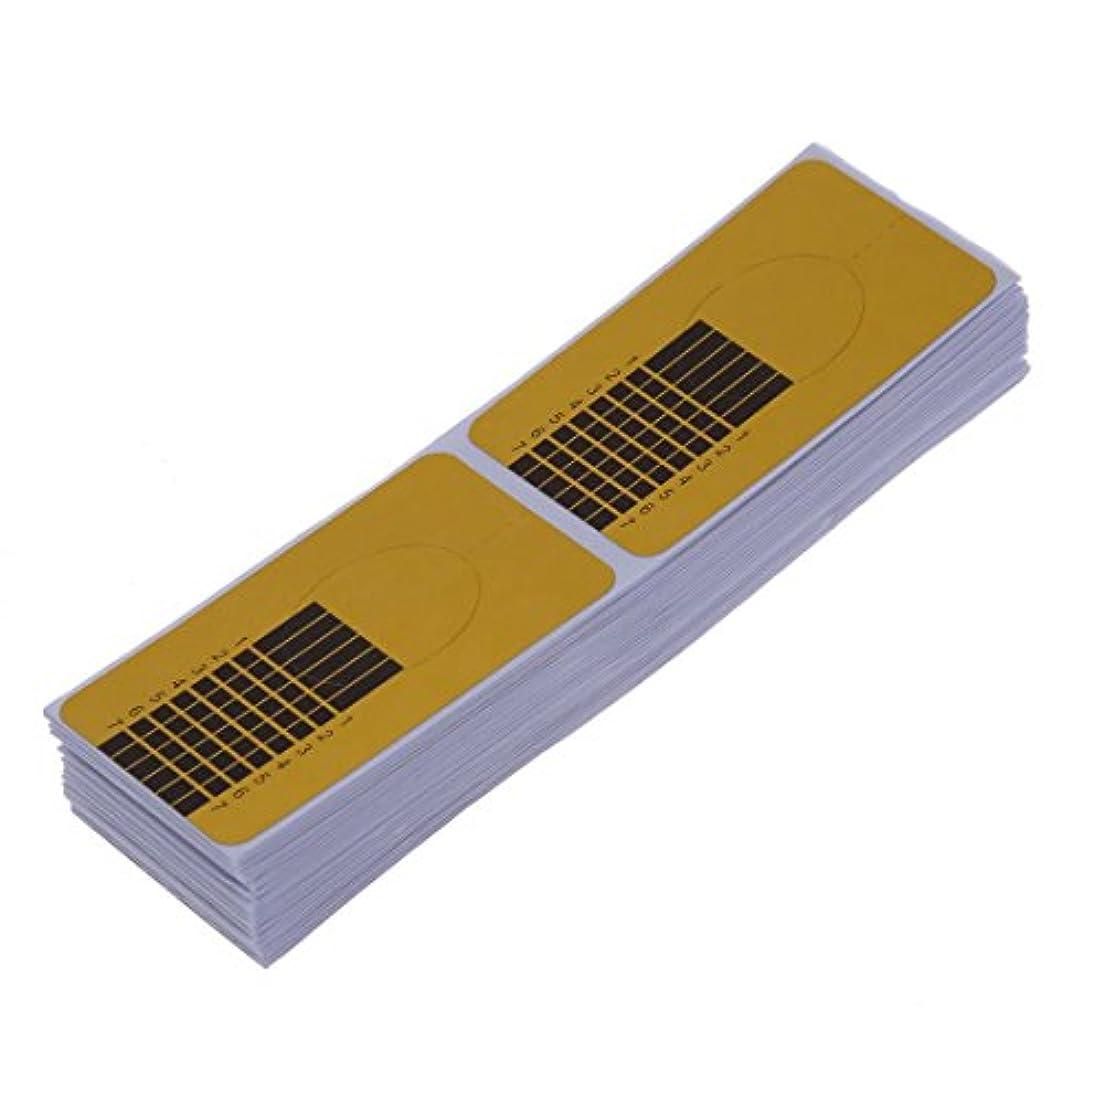 同化する木操作可能ガイドステッカー,SODIAL(R)100xネイルアートチップ ゴールデン拡張ガイドフォーム DIYツール アクリル系UVジェル